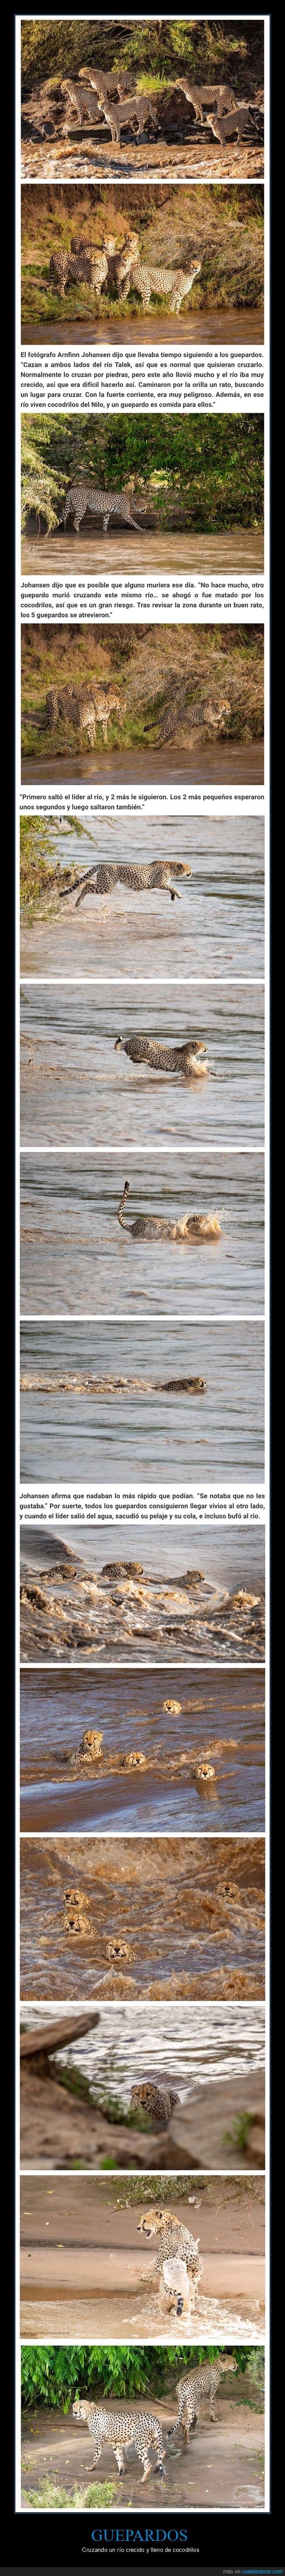 cocodrilos,cruzando,guepardos,río